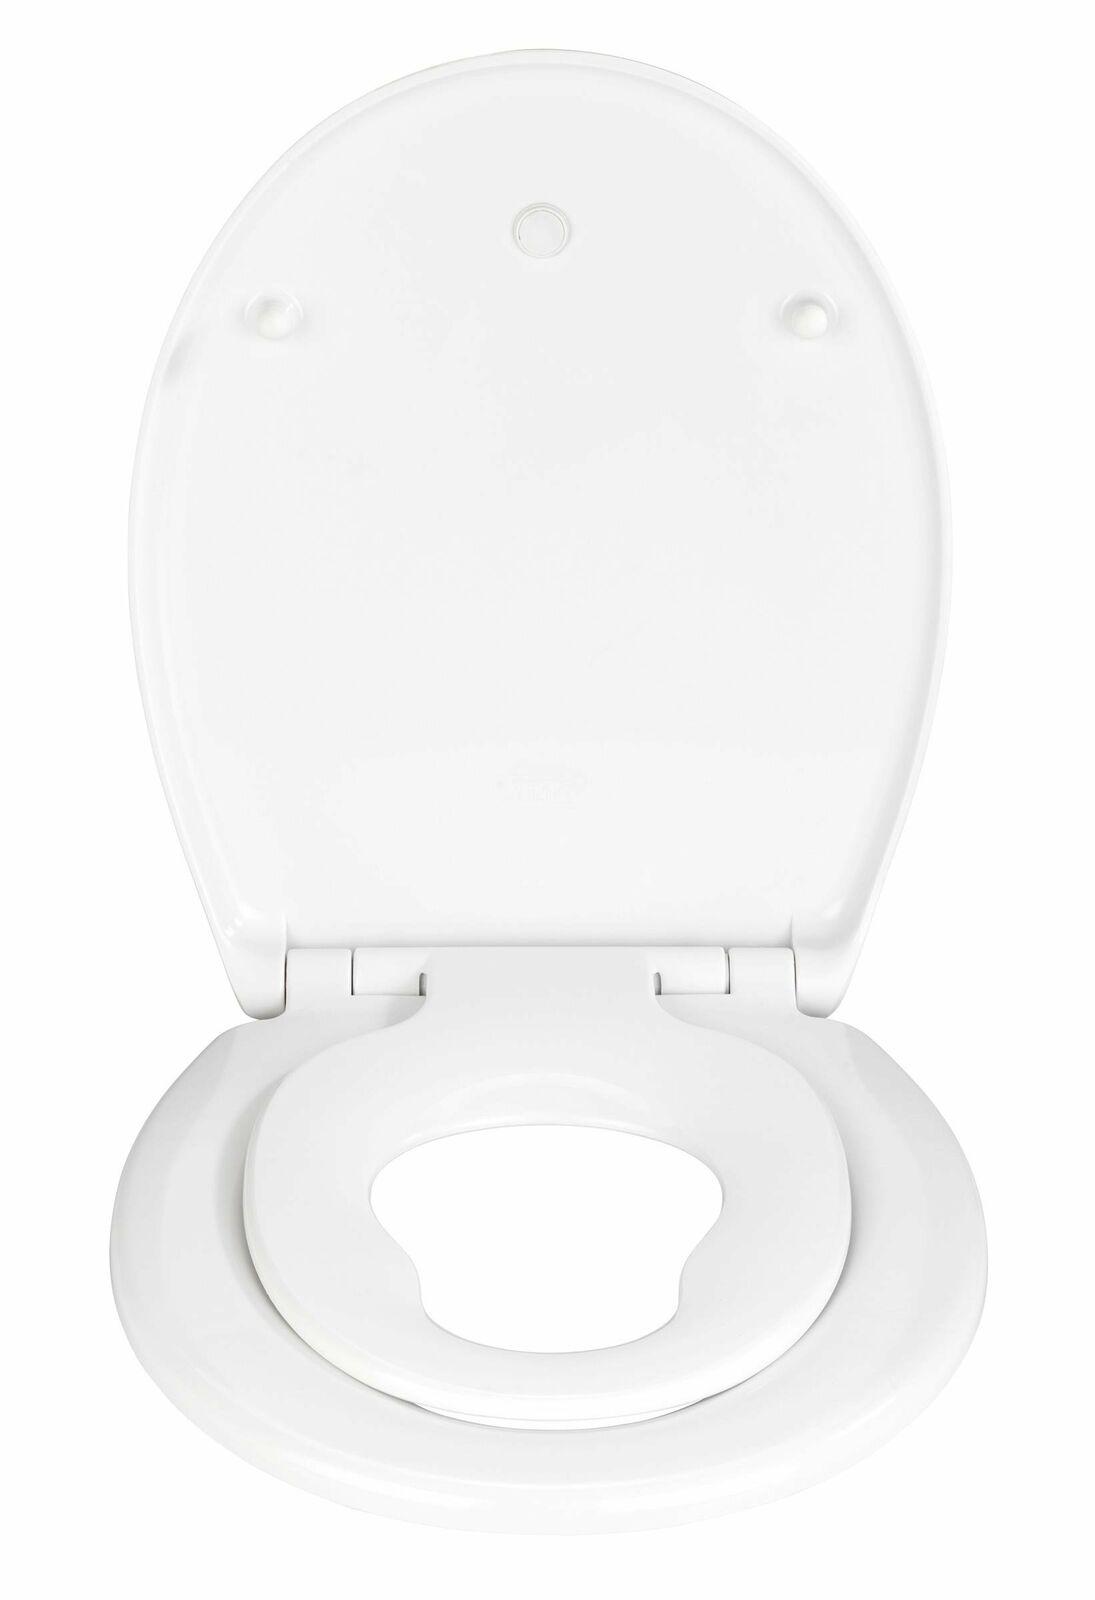 Doppel-WC-Sitz, integrierter WC-Sitz für Kinder und Erwachsene, DELOS WENKO